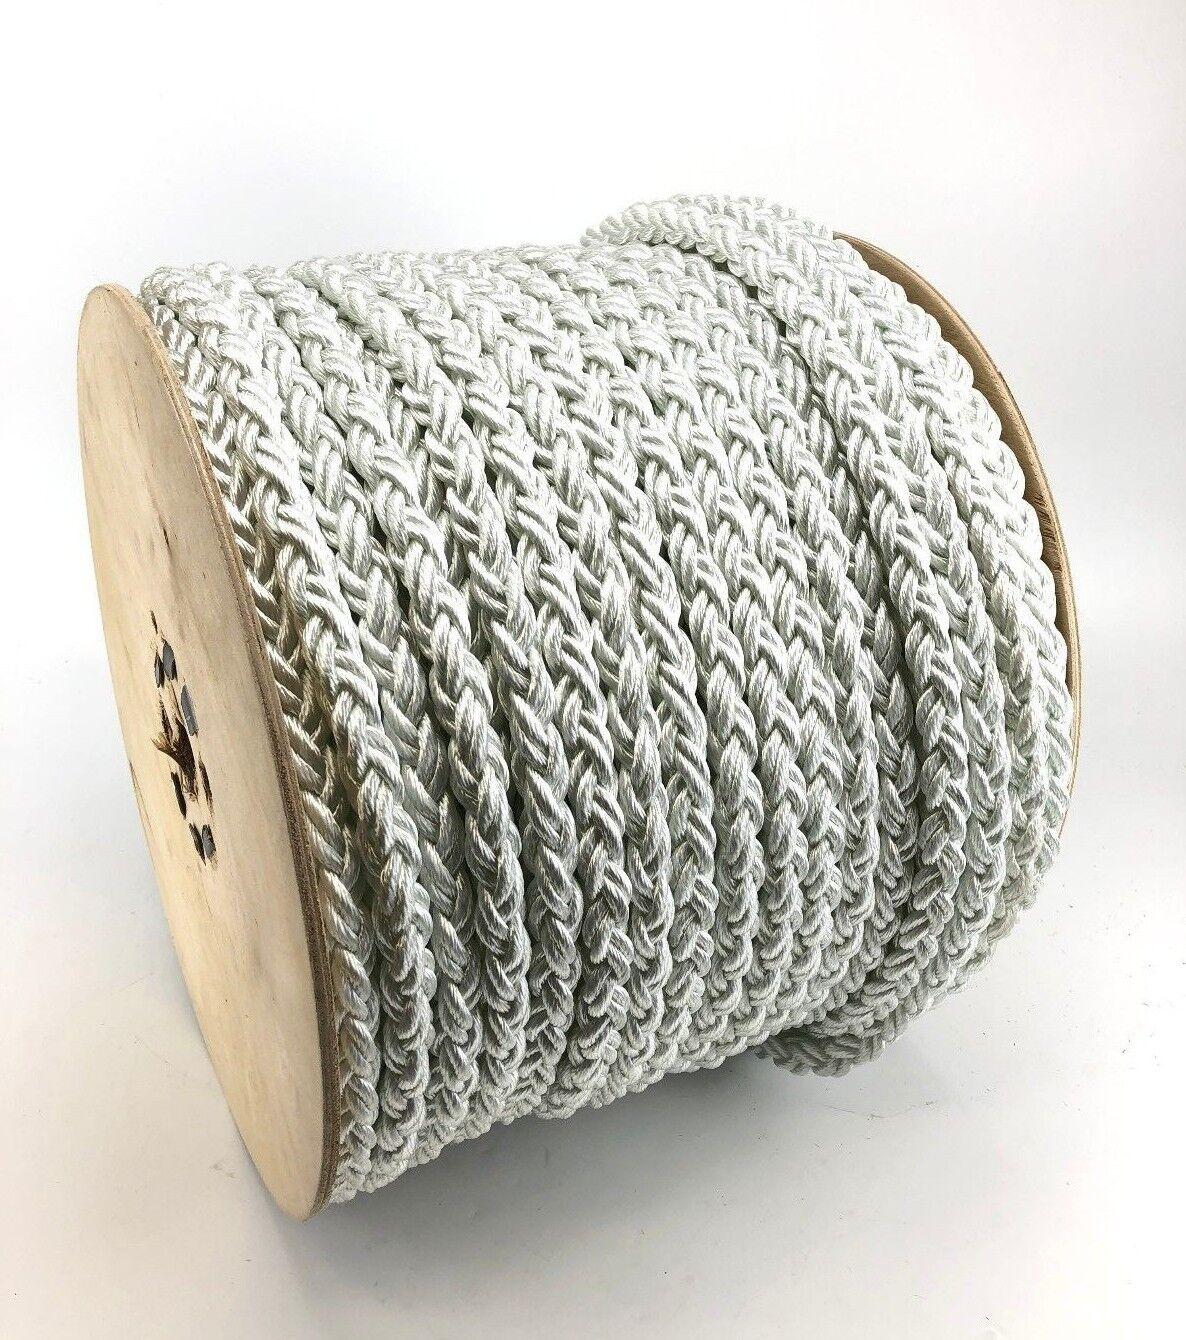 14mm 8 Strang weißes weißes weißes Nylon Seil x 50 m Rolle, Liegeplatz Seil multiplait 53ea0e